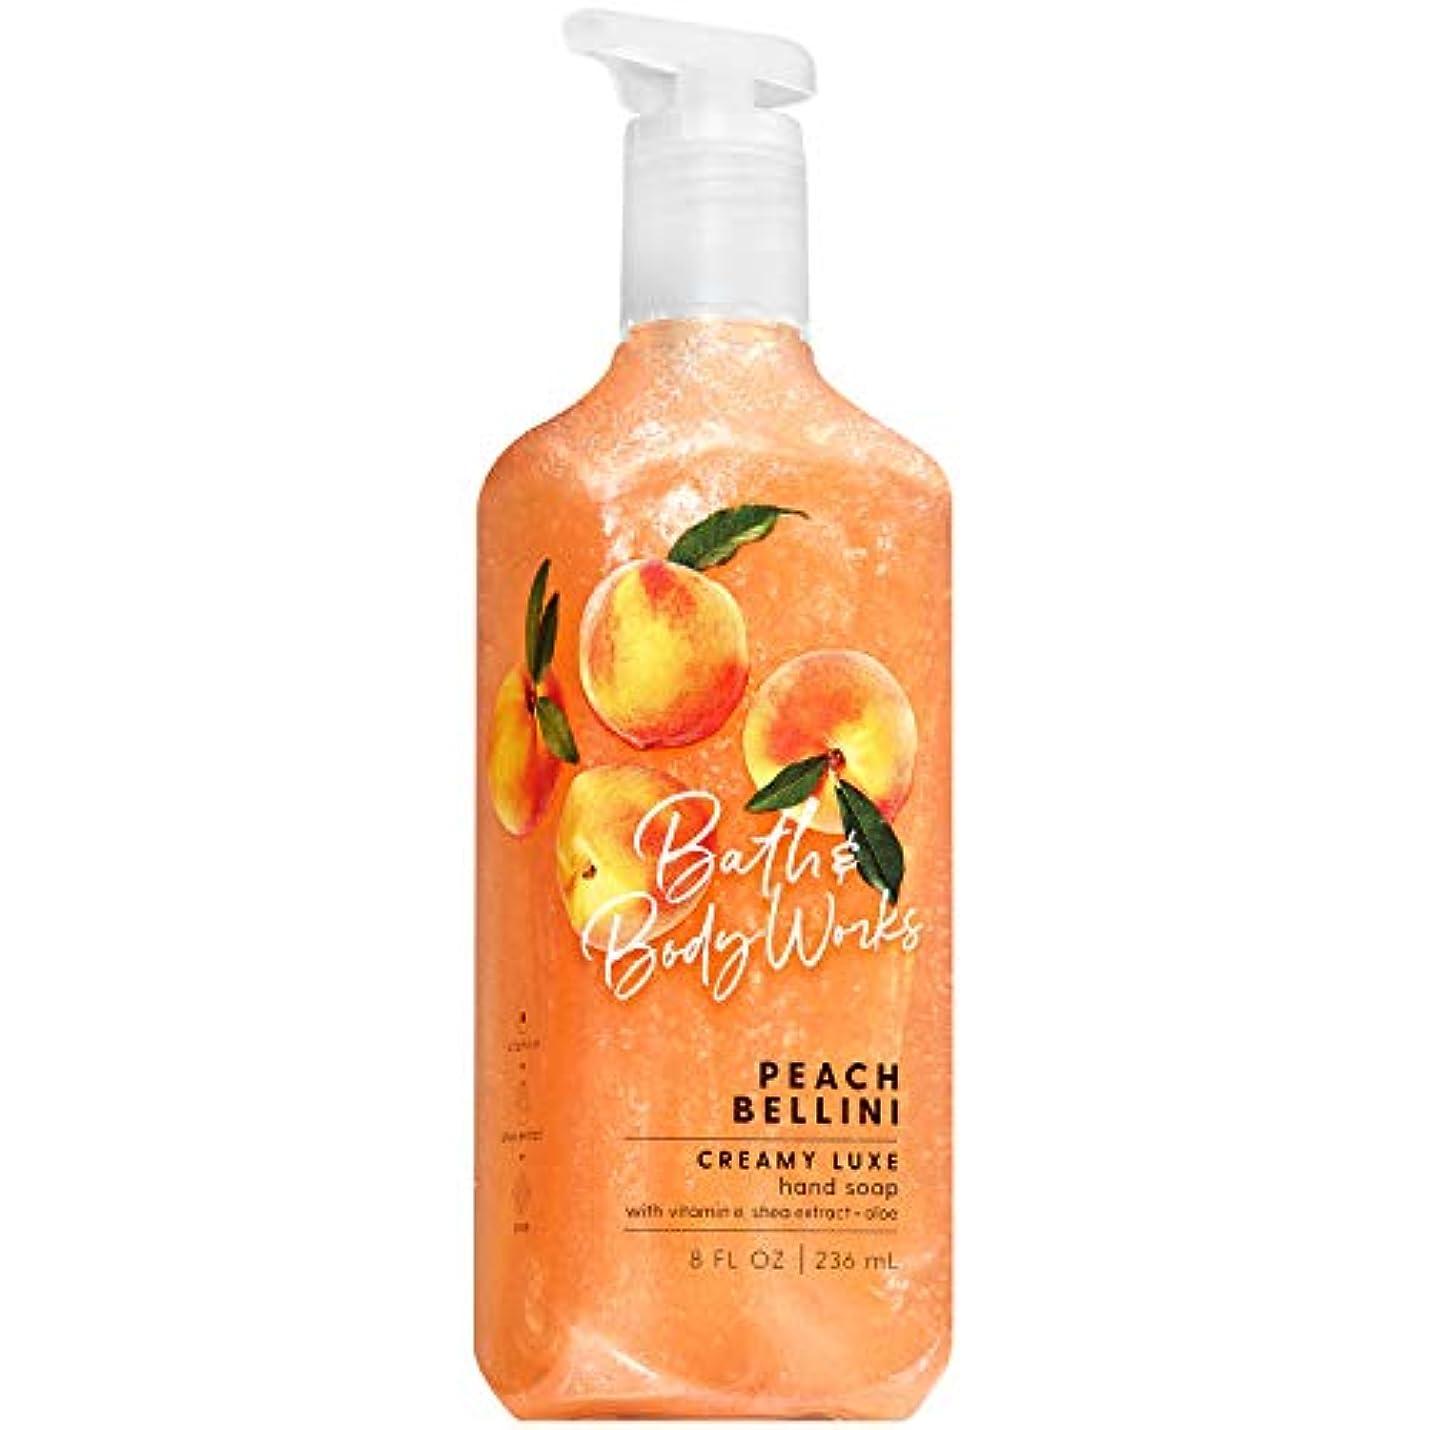 フレキシブル恐怖わざわざバス&ボディワークス ピーチベリーニ クリーミーハンドソープ Peach Bellini Creamy Luxe Hand Soap With Vitamine E Shea Extract + Aloe